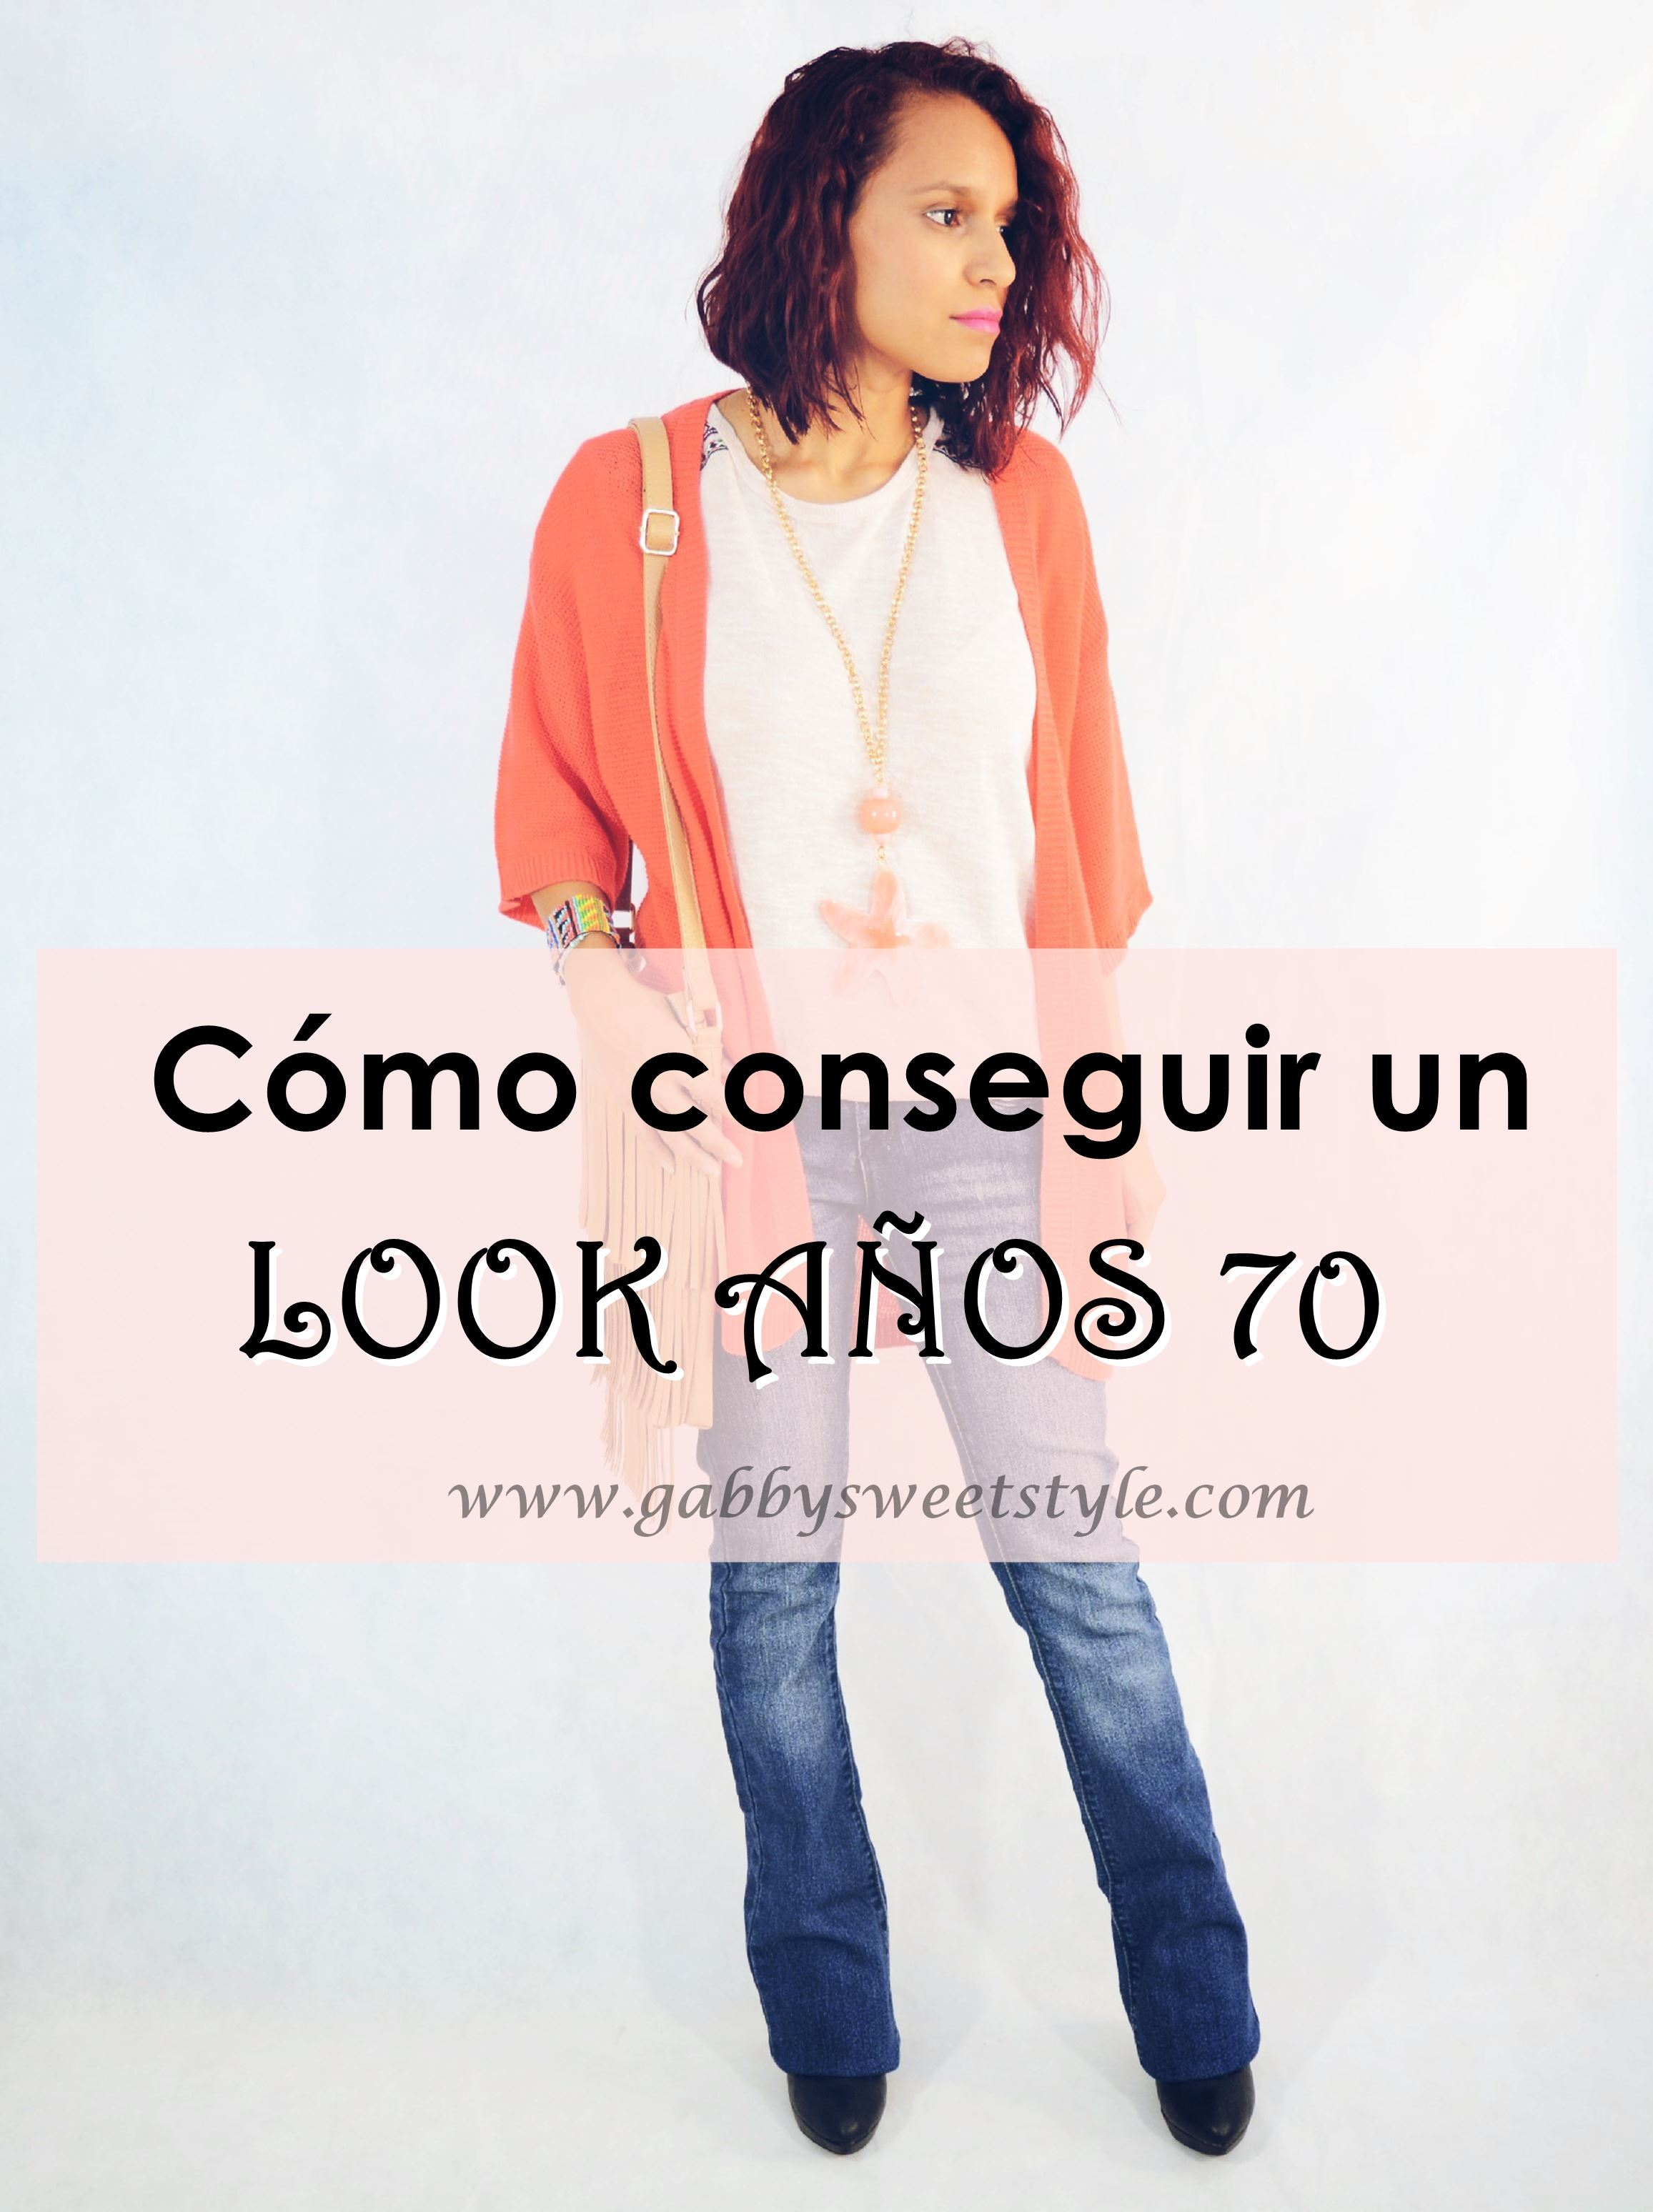 Look años 70 Portada